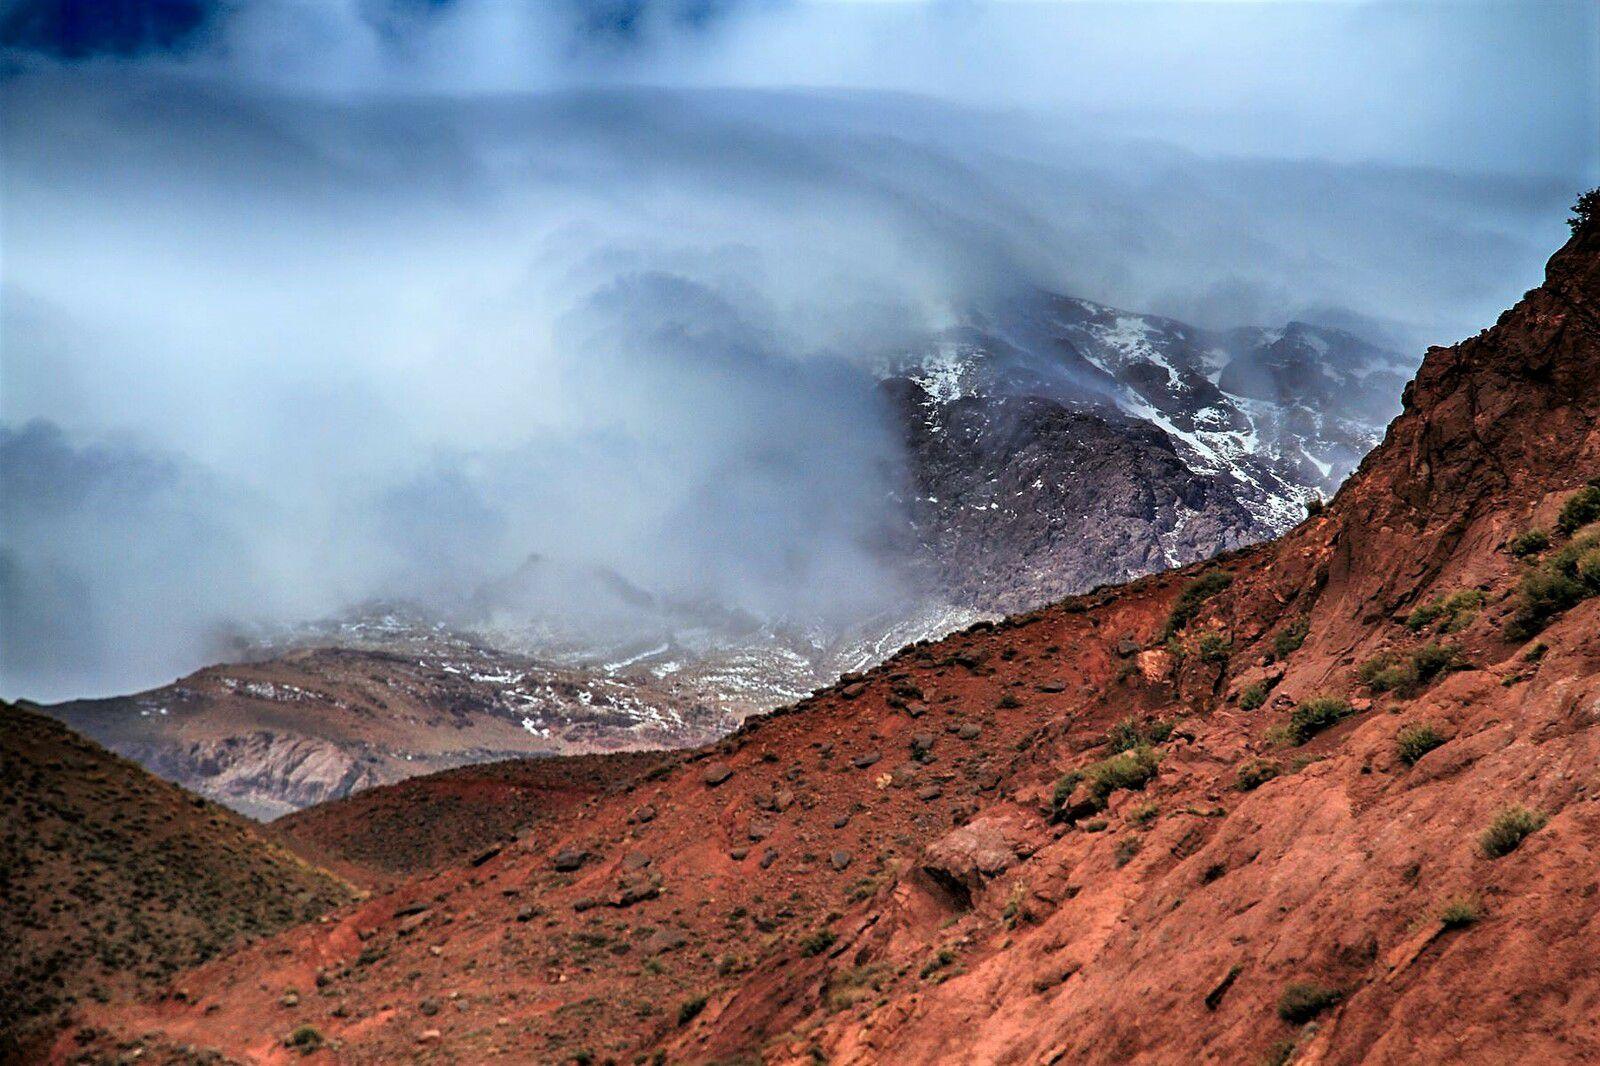 Montagnes de l'Atlas entre Marrakech et Ouarzazate.